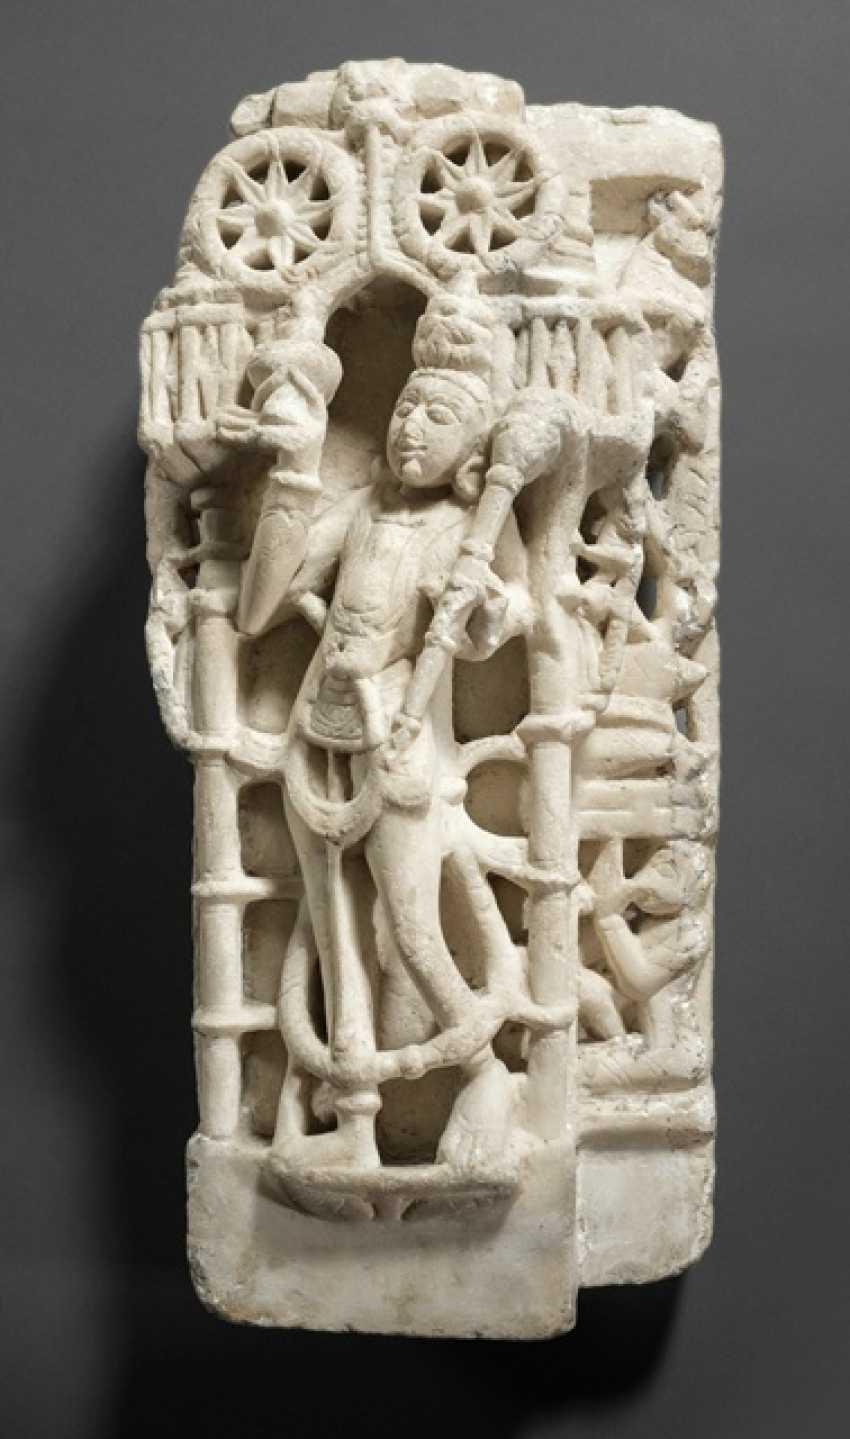 Fragment aus Alabaster - photo 1